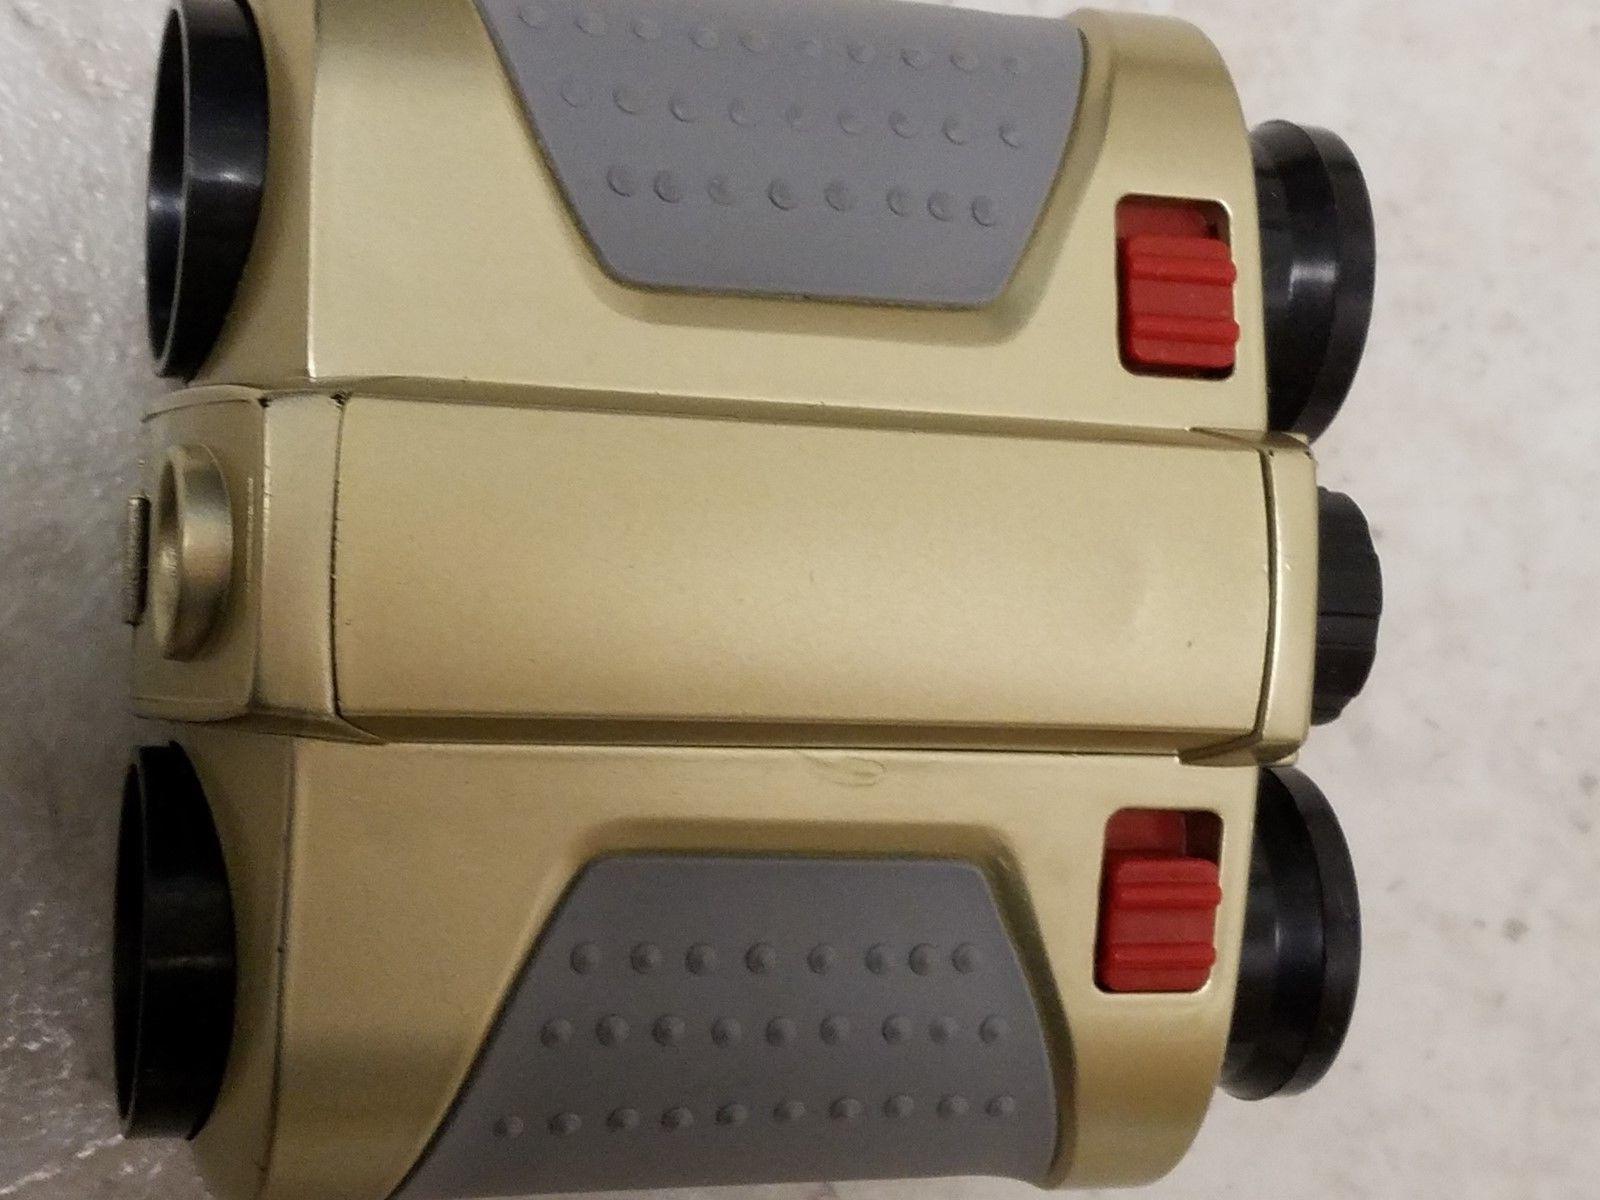 Night Scope 4x power binoculars, See dark w/night-beam vision